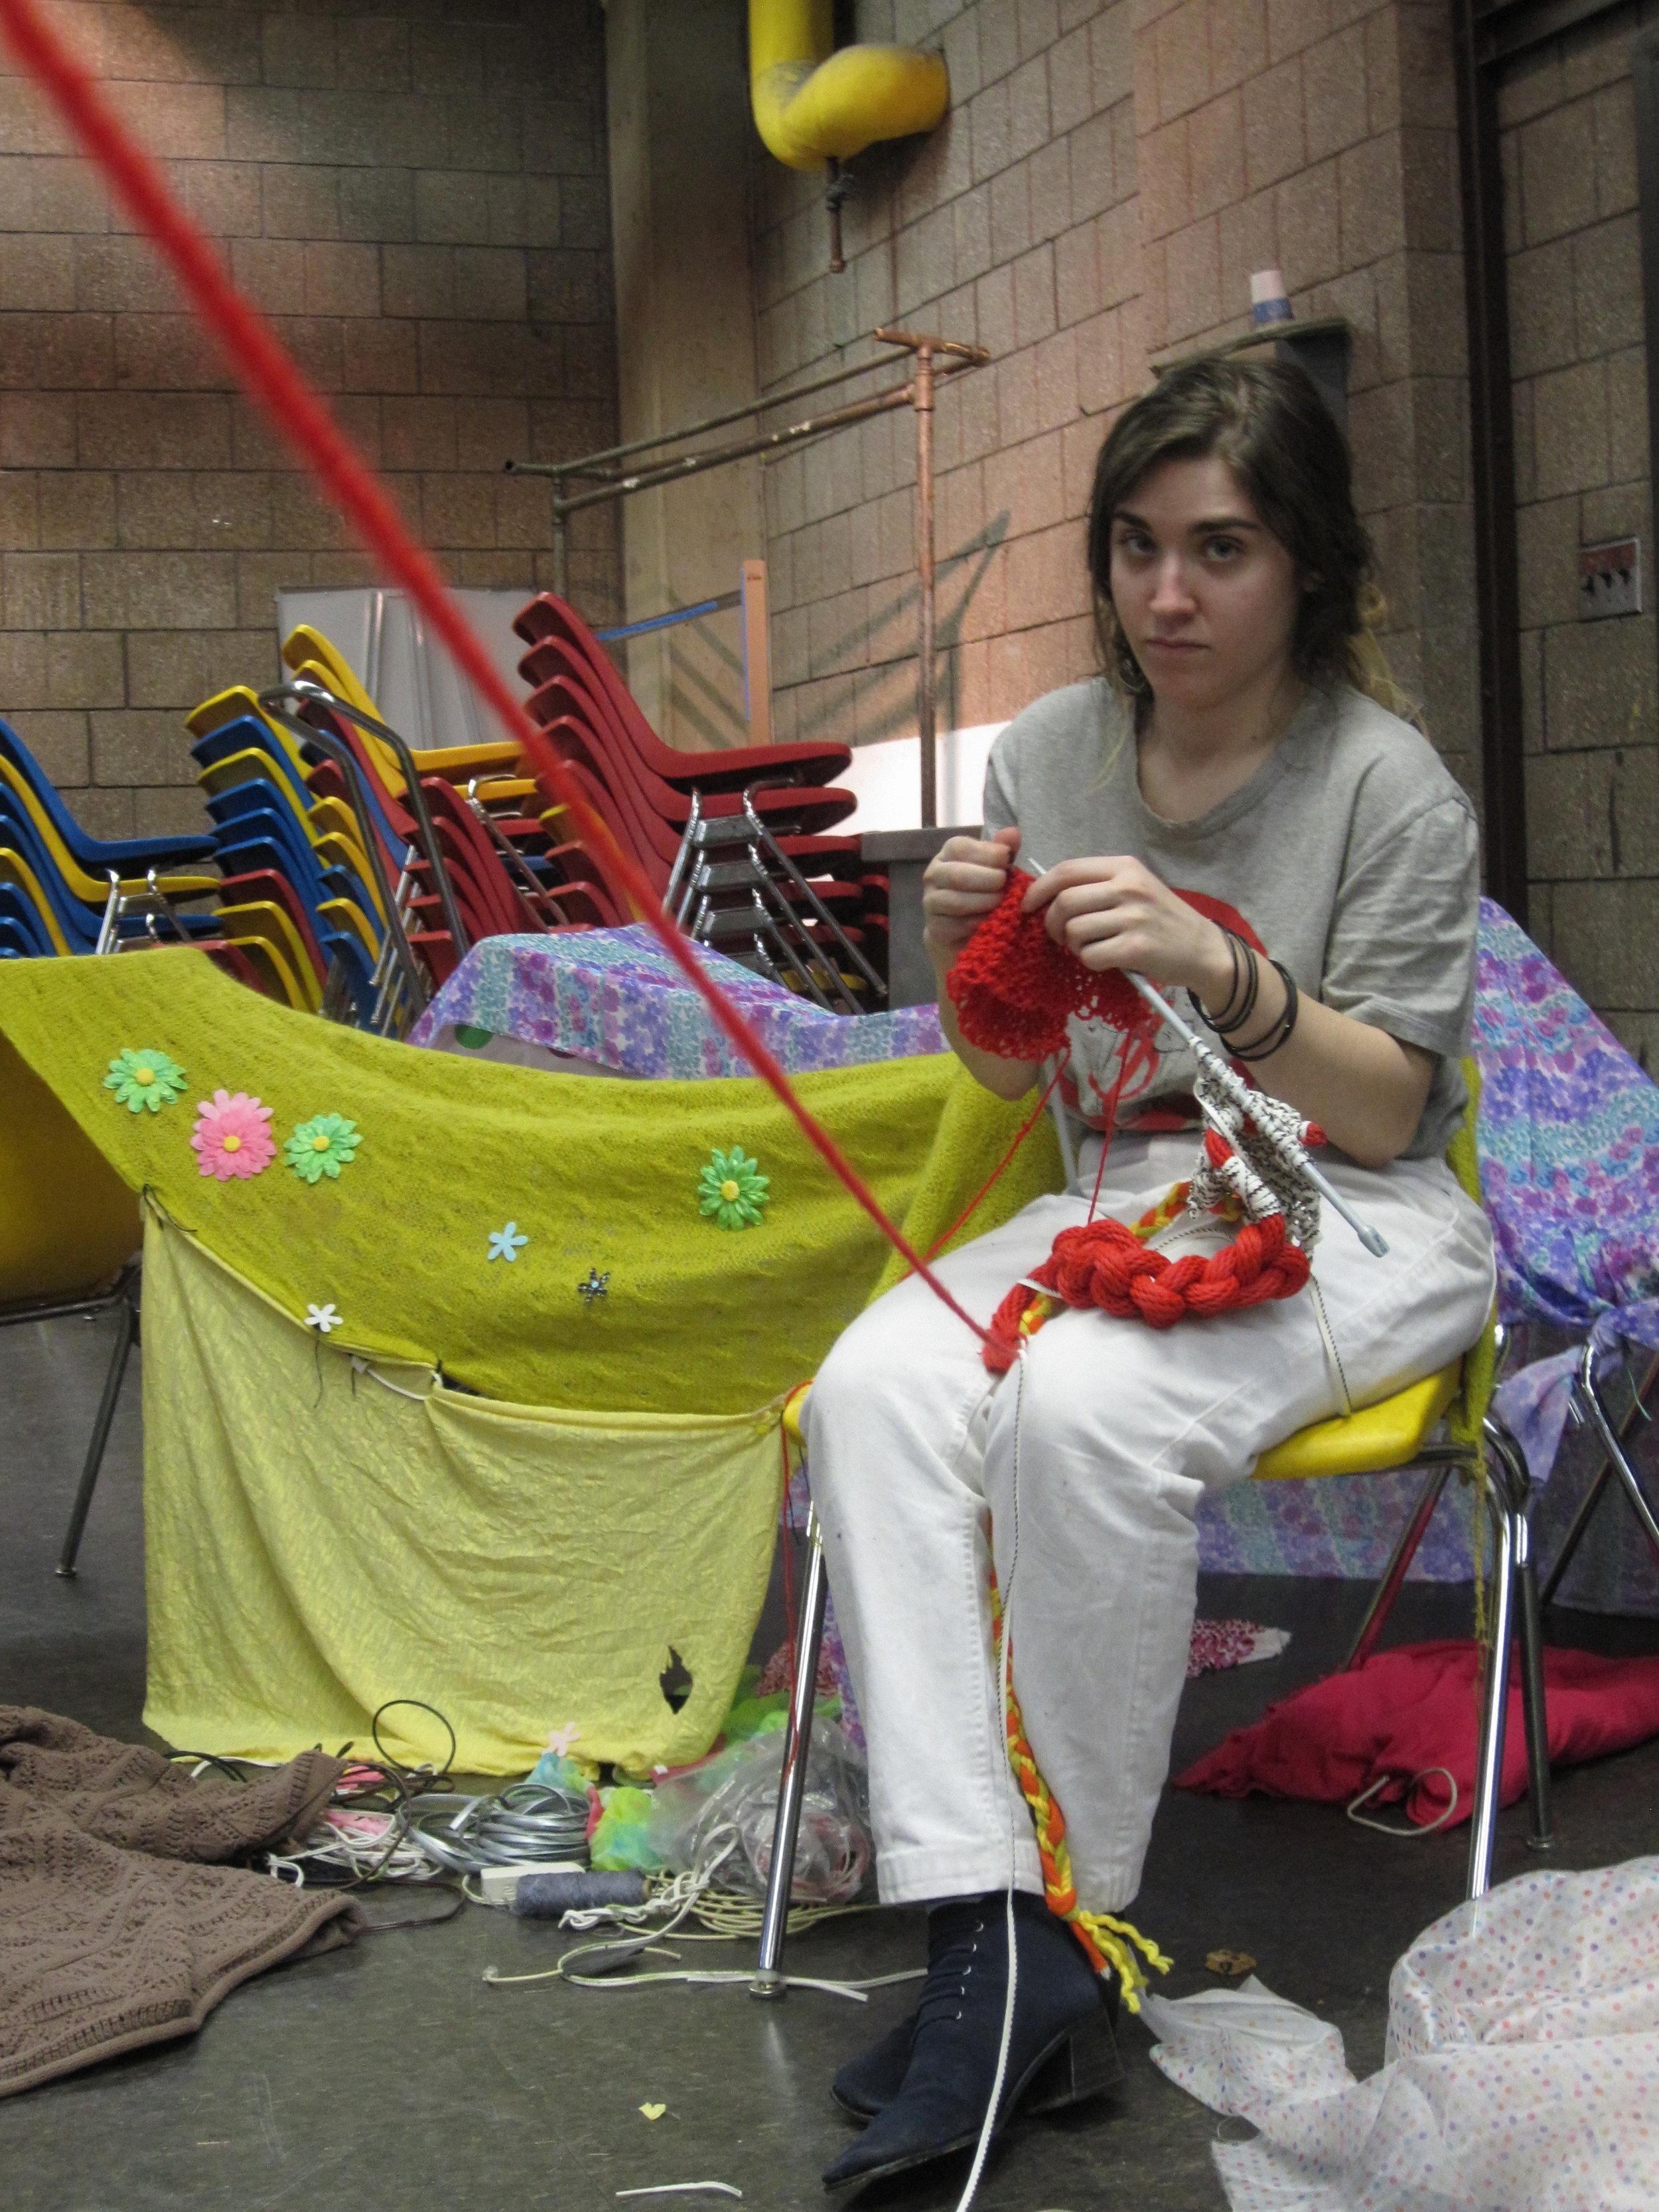 knittingmarathon10_4314455841_o.jpg